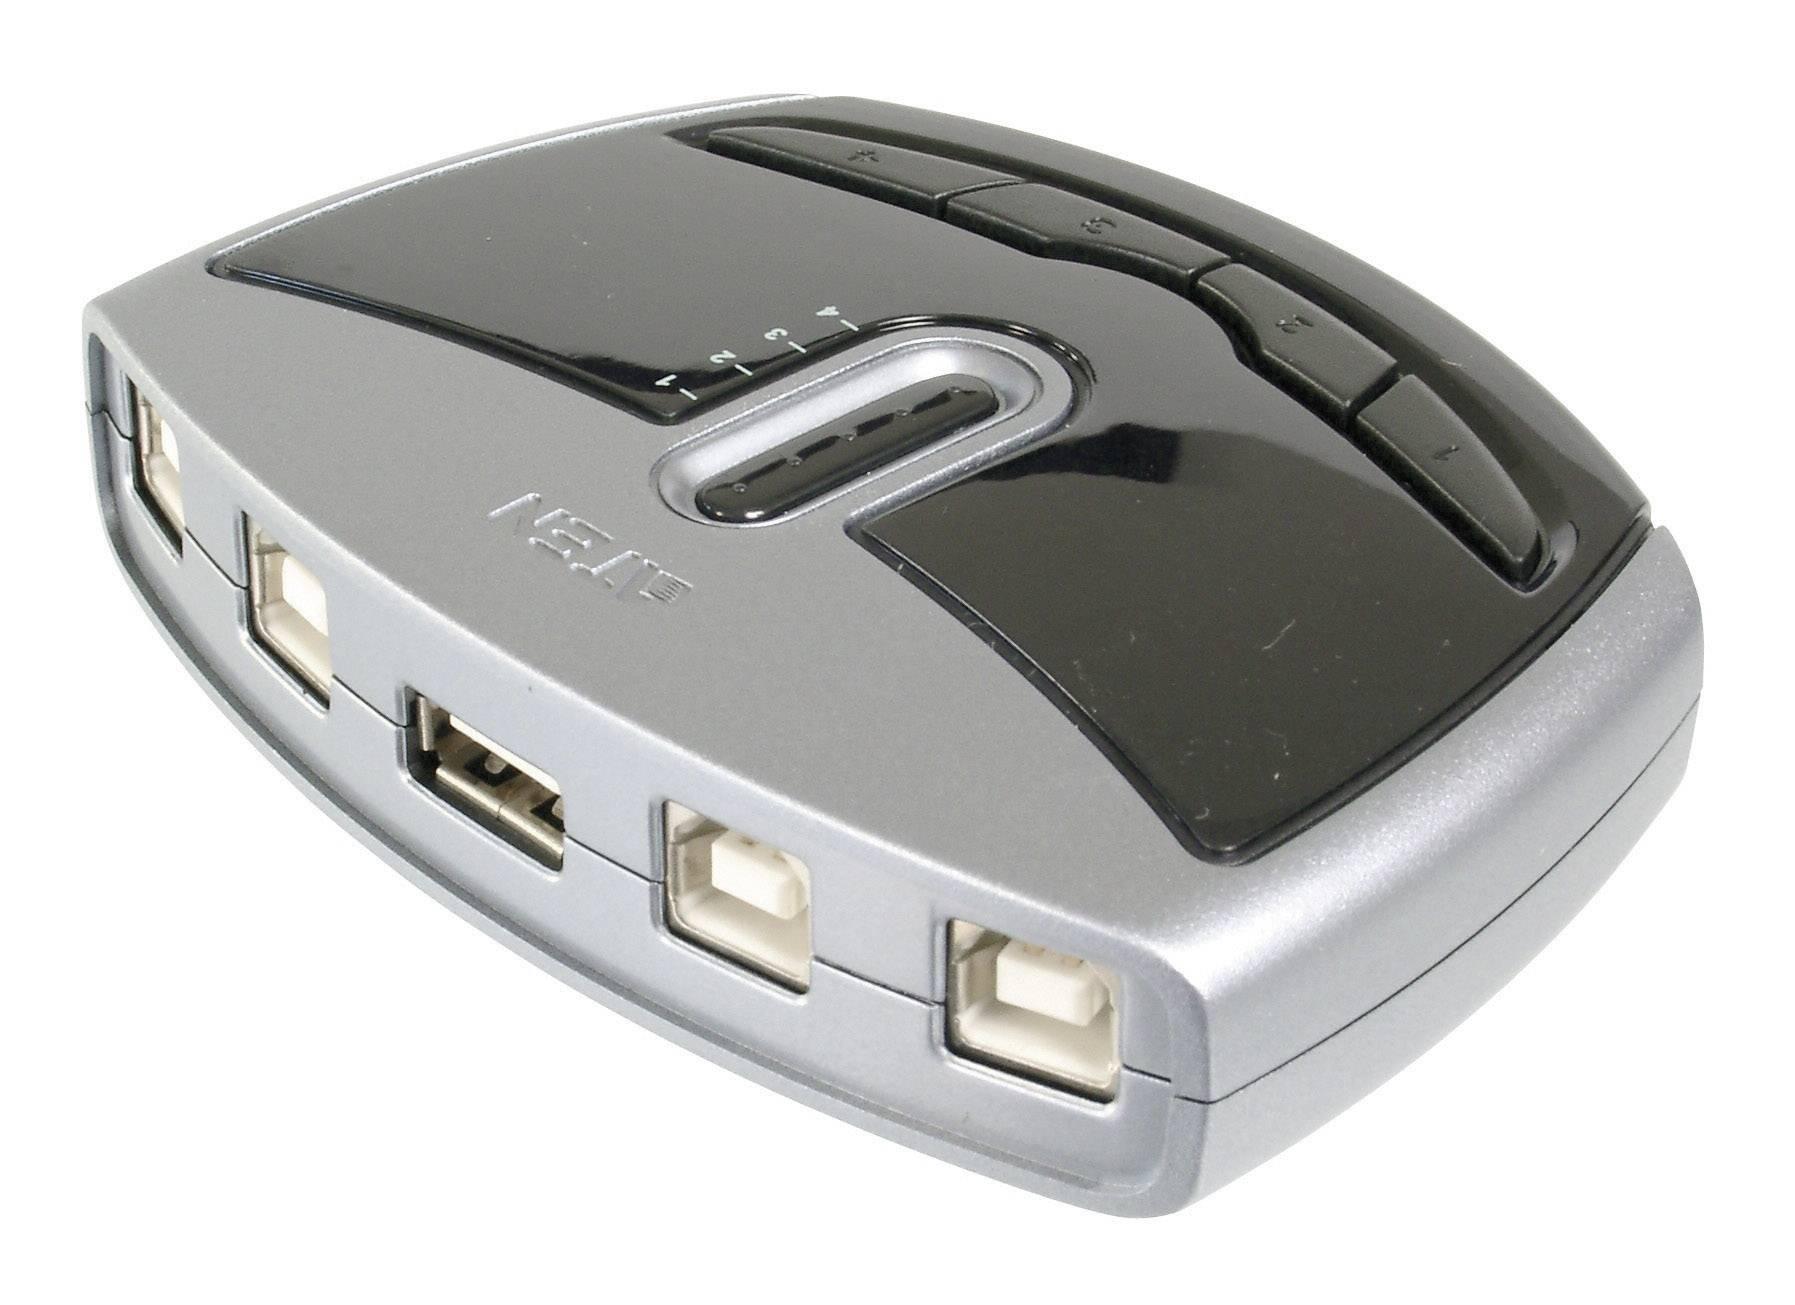 USB 2.0 přepínač ATEN ASS-US421, stříbrná